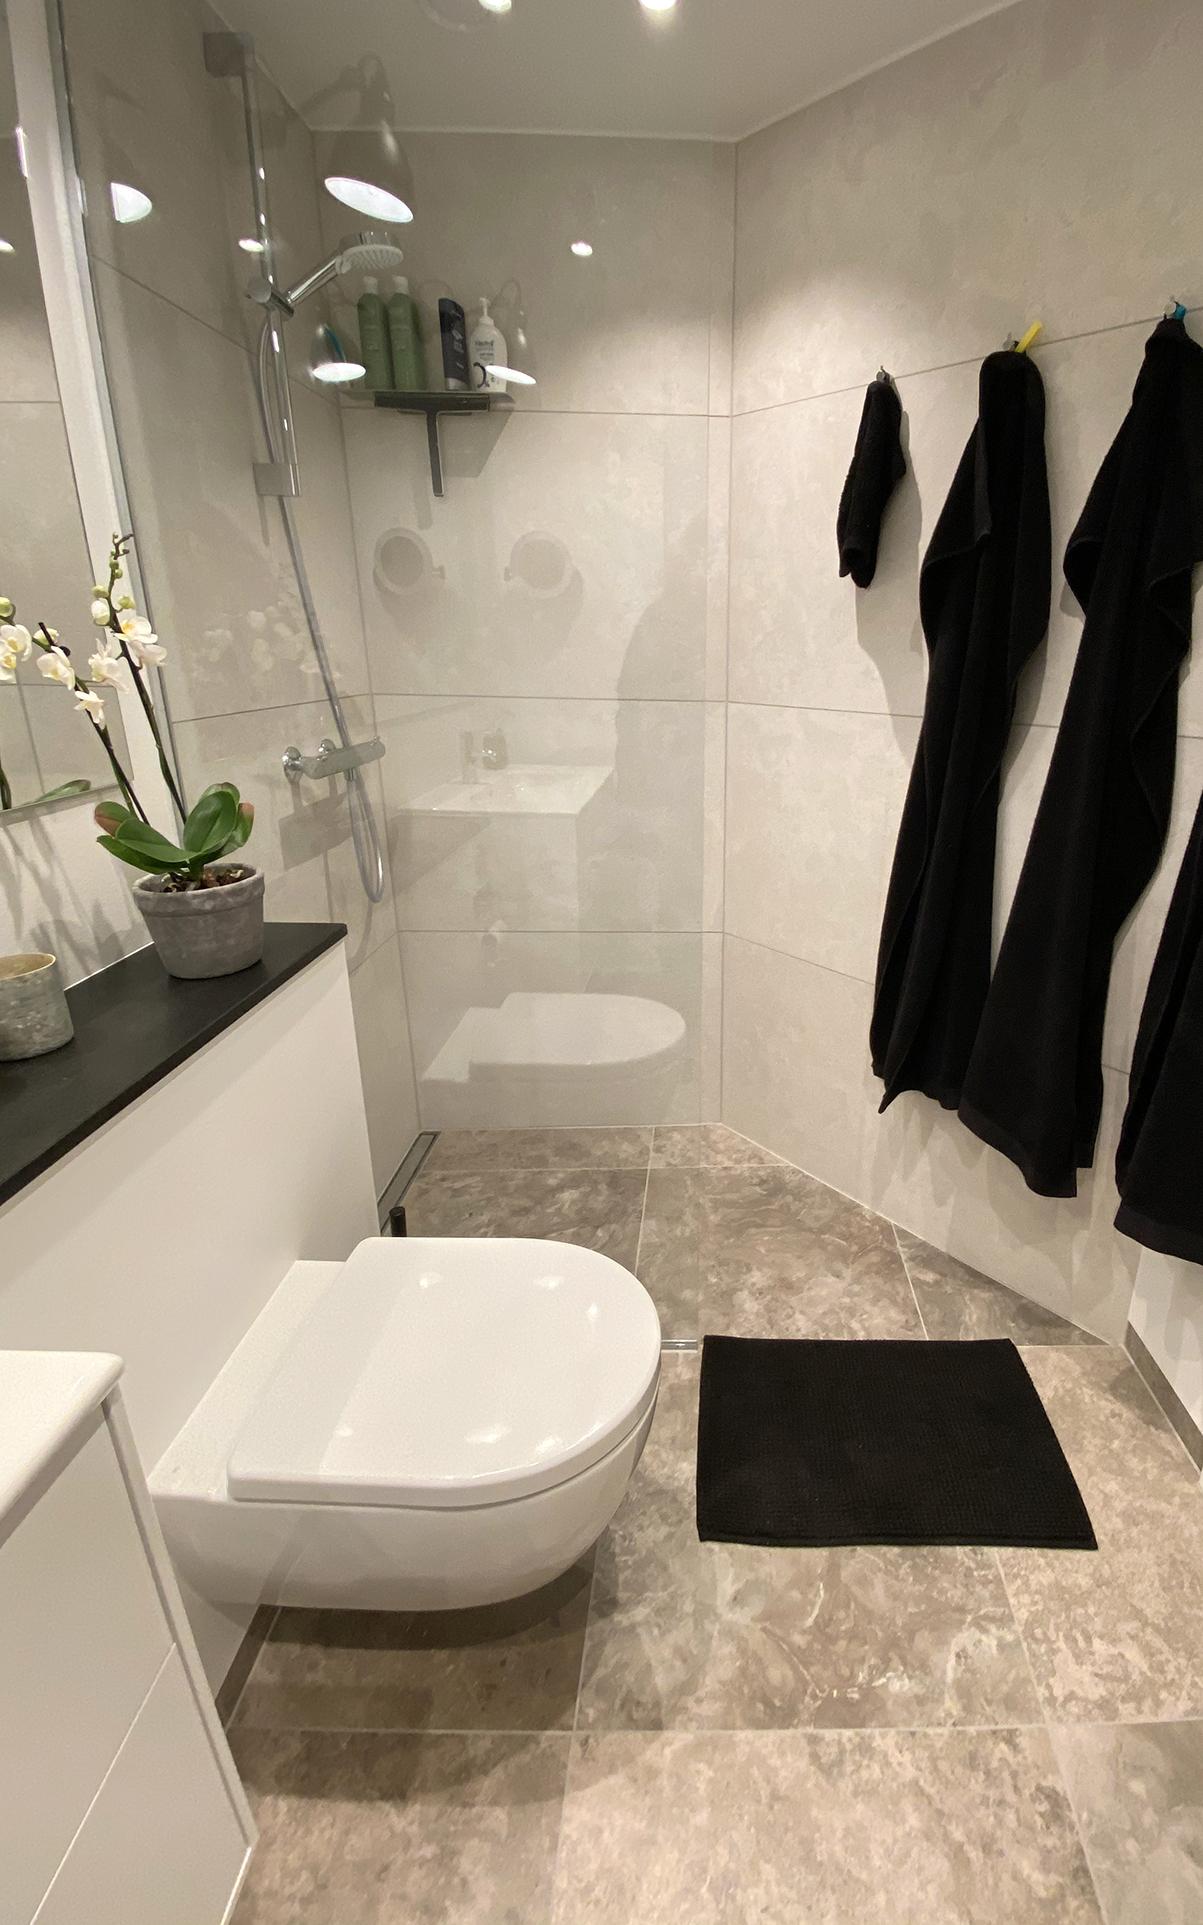 Nyt badeværelse med hængetoilet